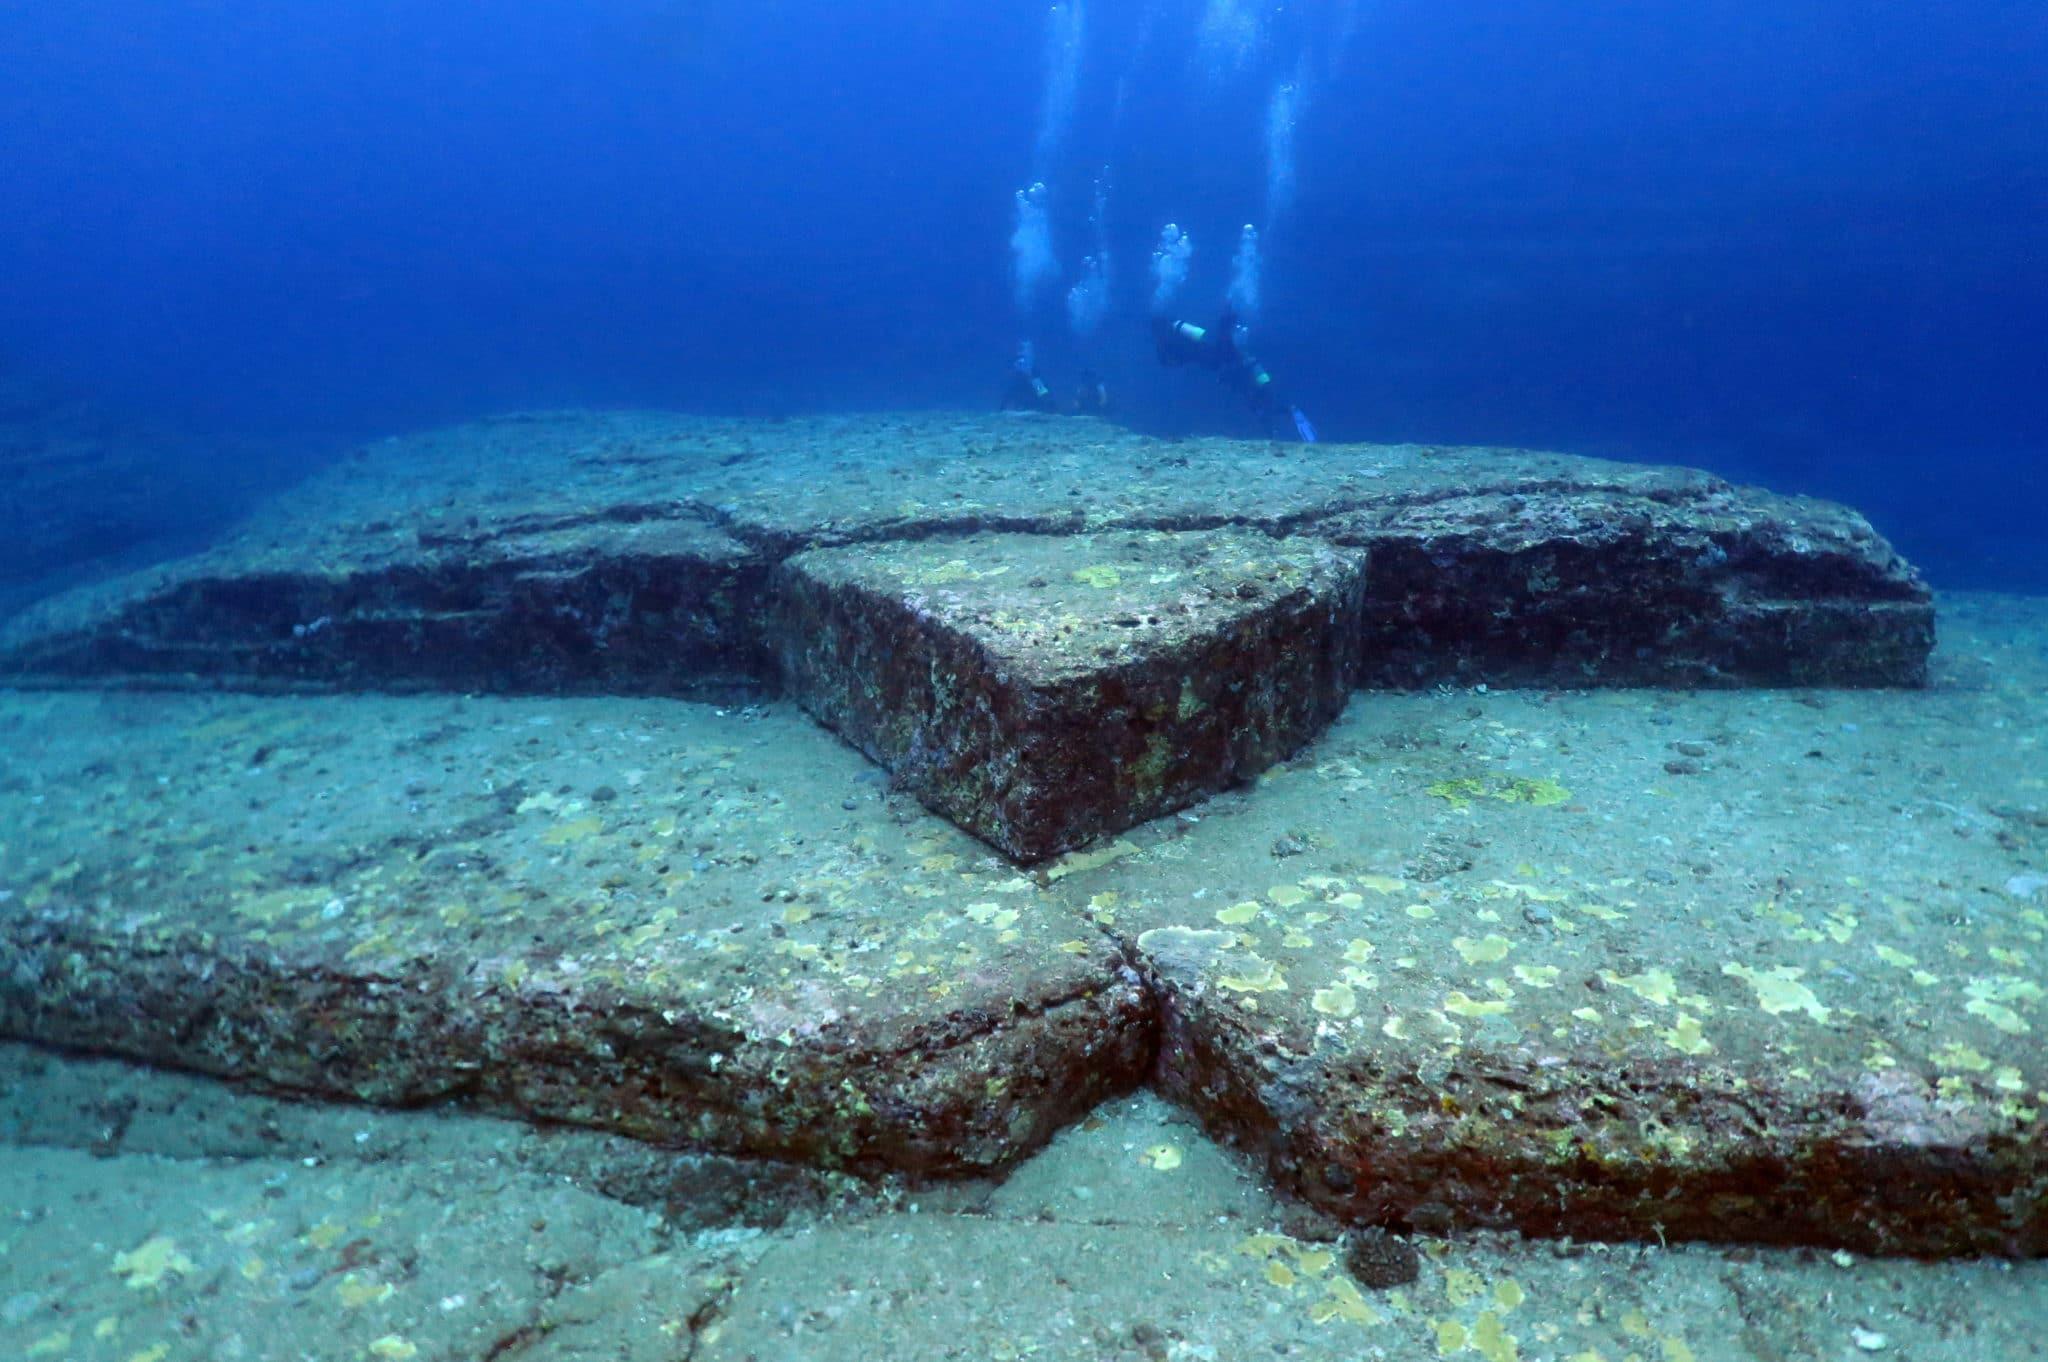 Diving Yonaguni Okinawa Japan